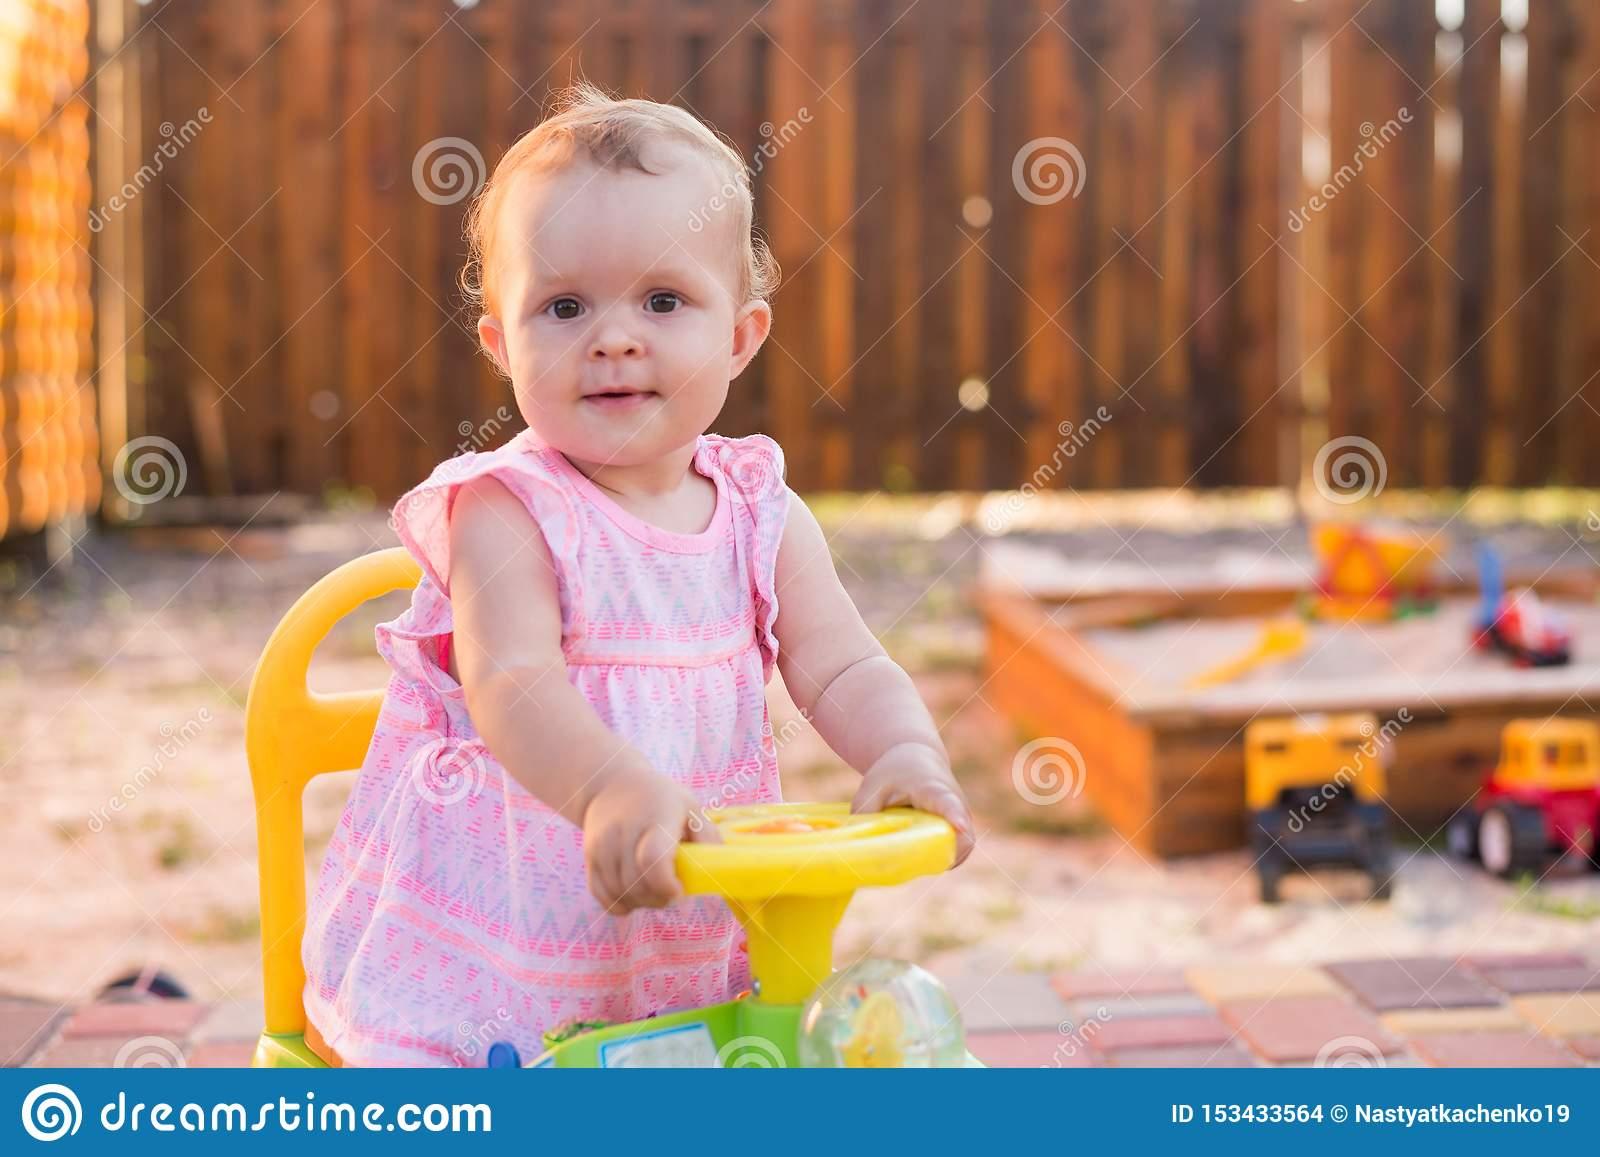 Bébé Conduisant Une Voiture De Jouet Au Terrain De Jeu intérieur Jeux De Voiture Pour Bébé